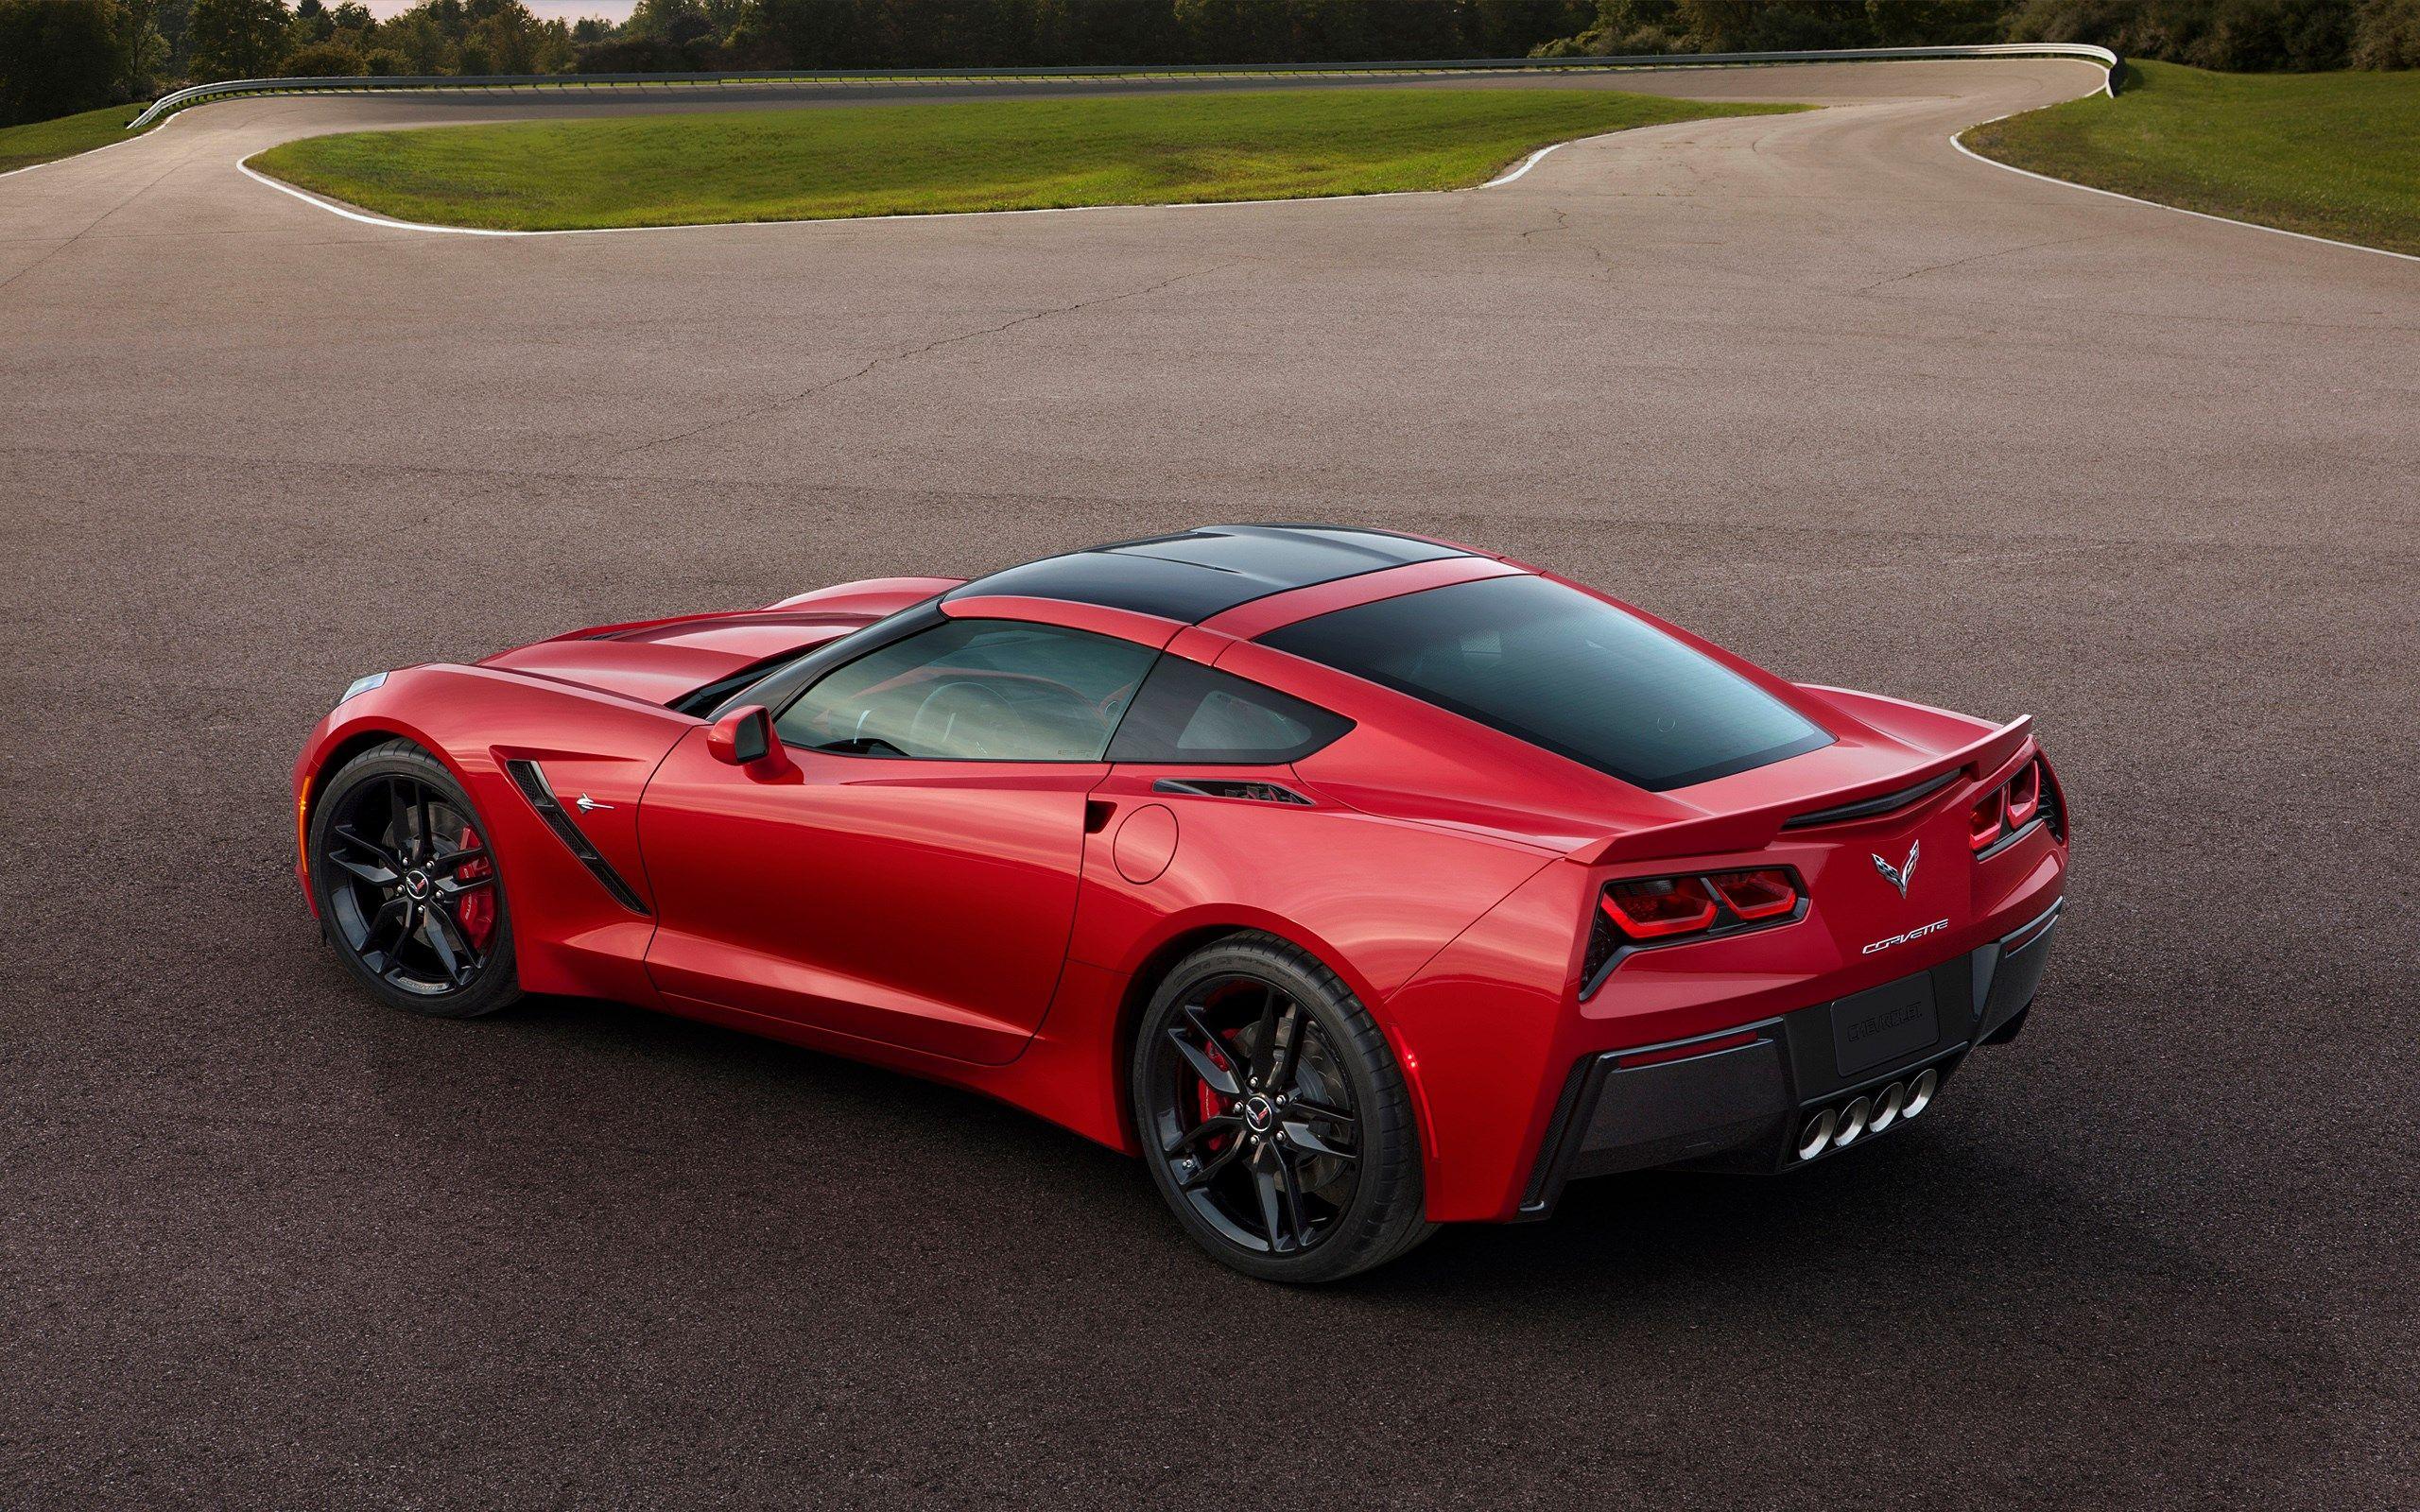 Category Corvette >> Chevrolet Corvette Wallpaper Hd Backgrounds Images Chevrolet